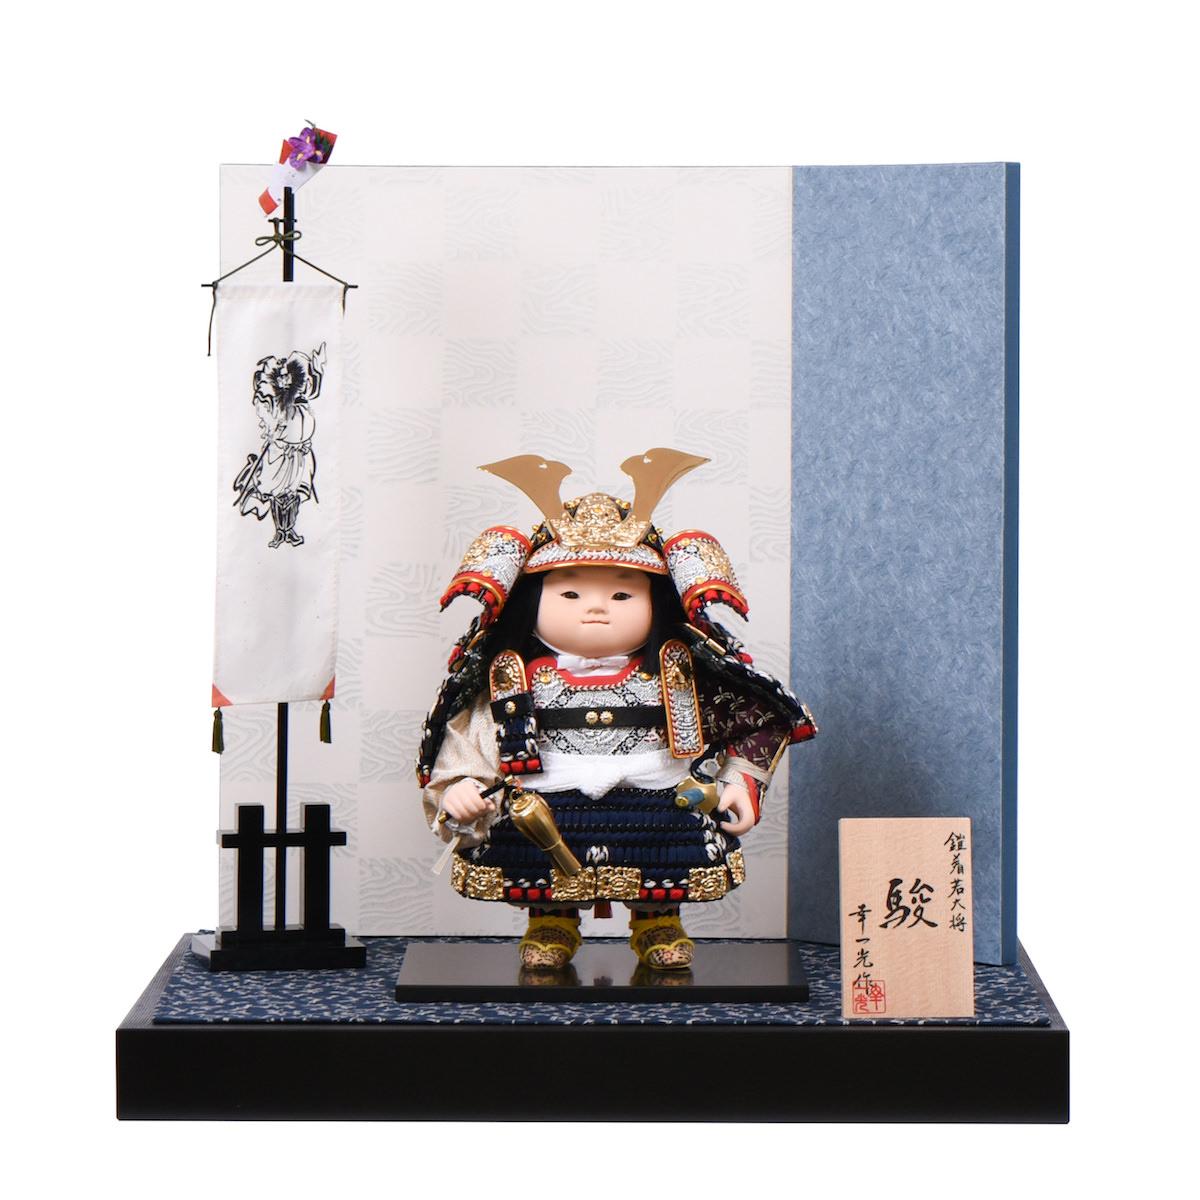 初節句 鎧着大将飾り 幸一光 駿 江戸唐紙屏風 オシャレ モダン 五月人形